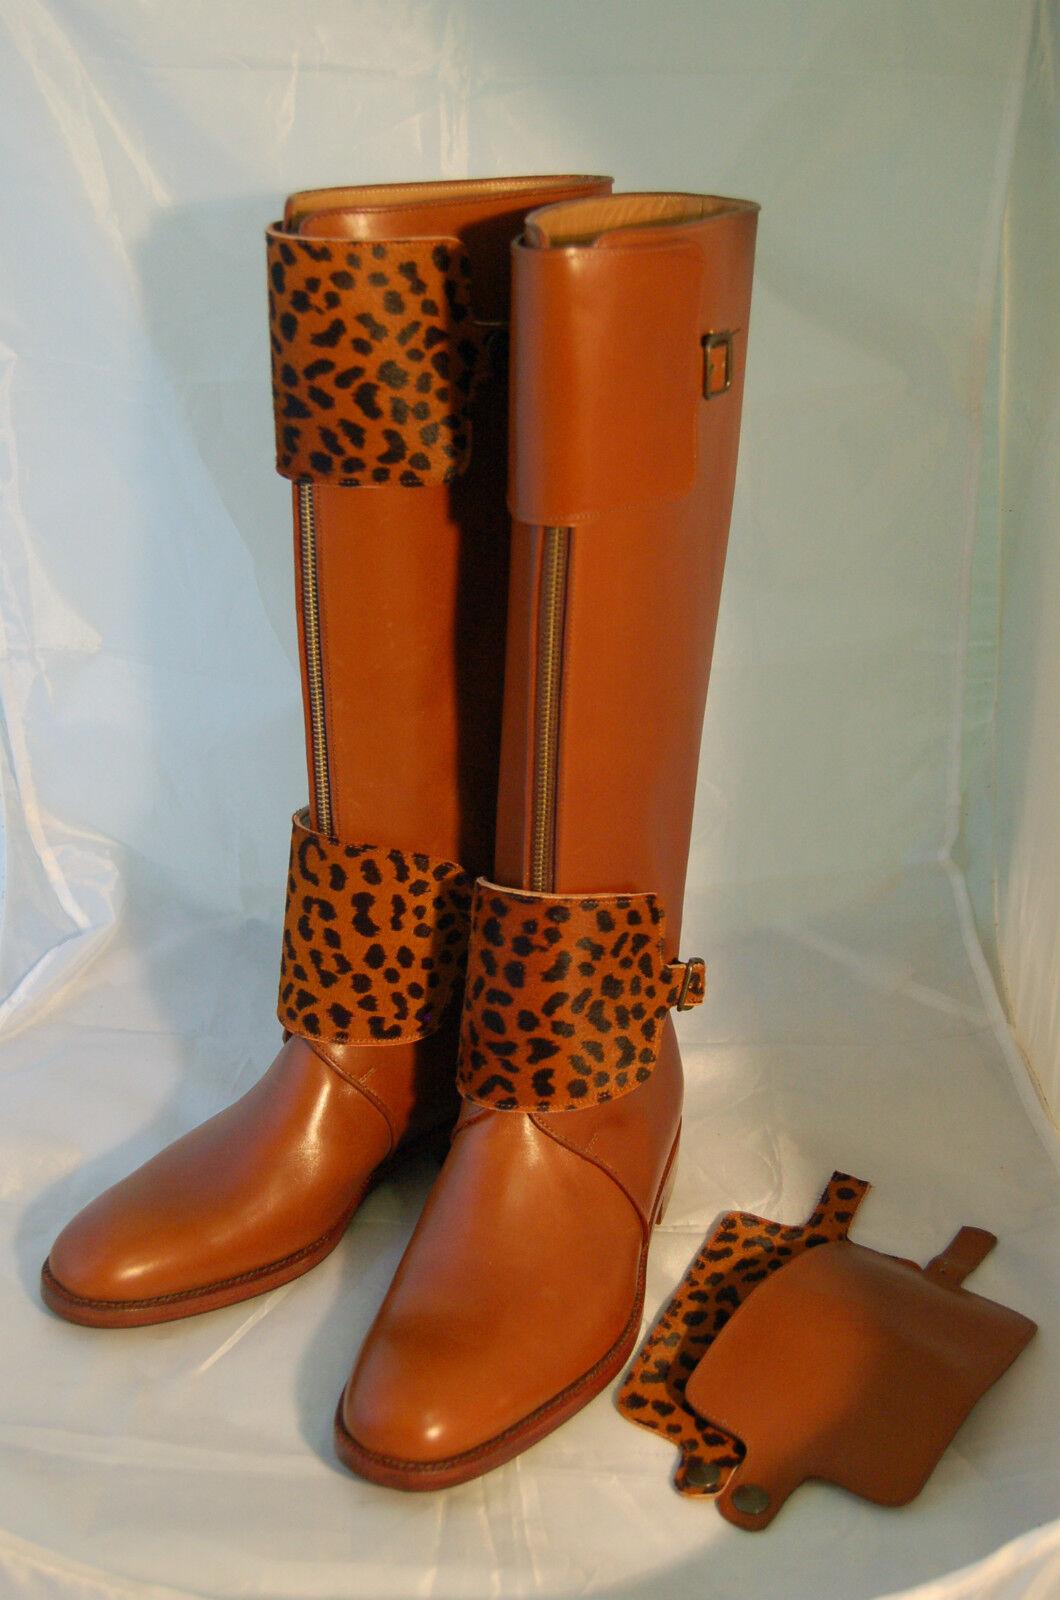 STIVALE DONNA-WOMAN BOOT-40-VIT.COL.CUOIO-CALF BROWN-LTH LIGTH BROWN-LTH BOOT-40-VIT.COL.CUOIO-CALF SOLE+½ RUBBER 3dfe34